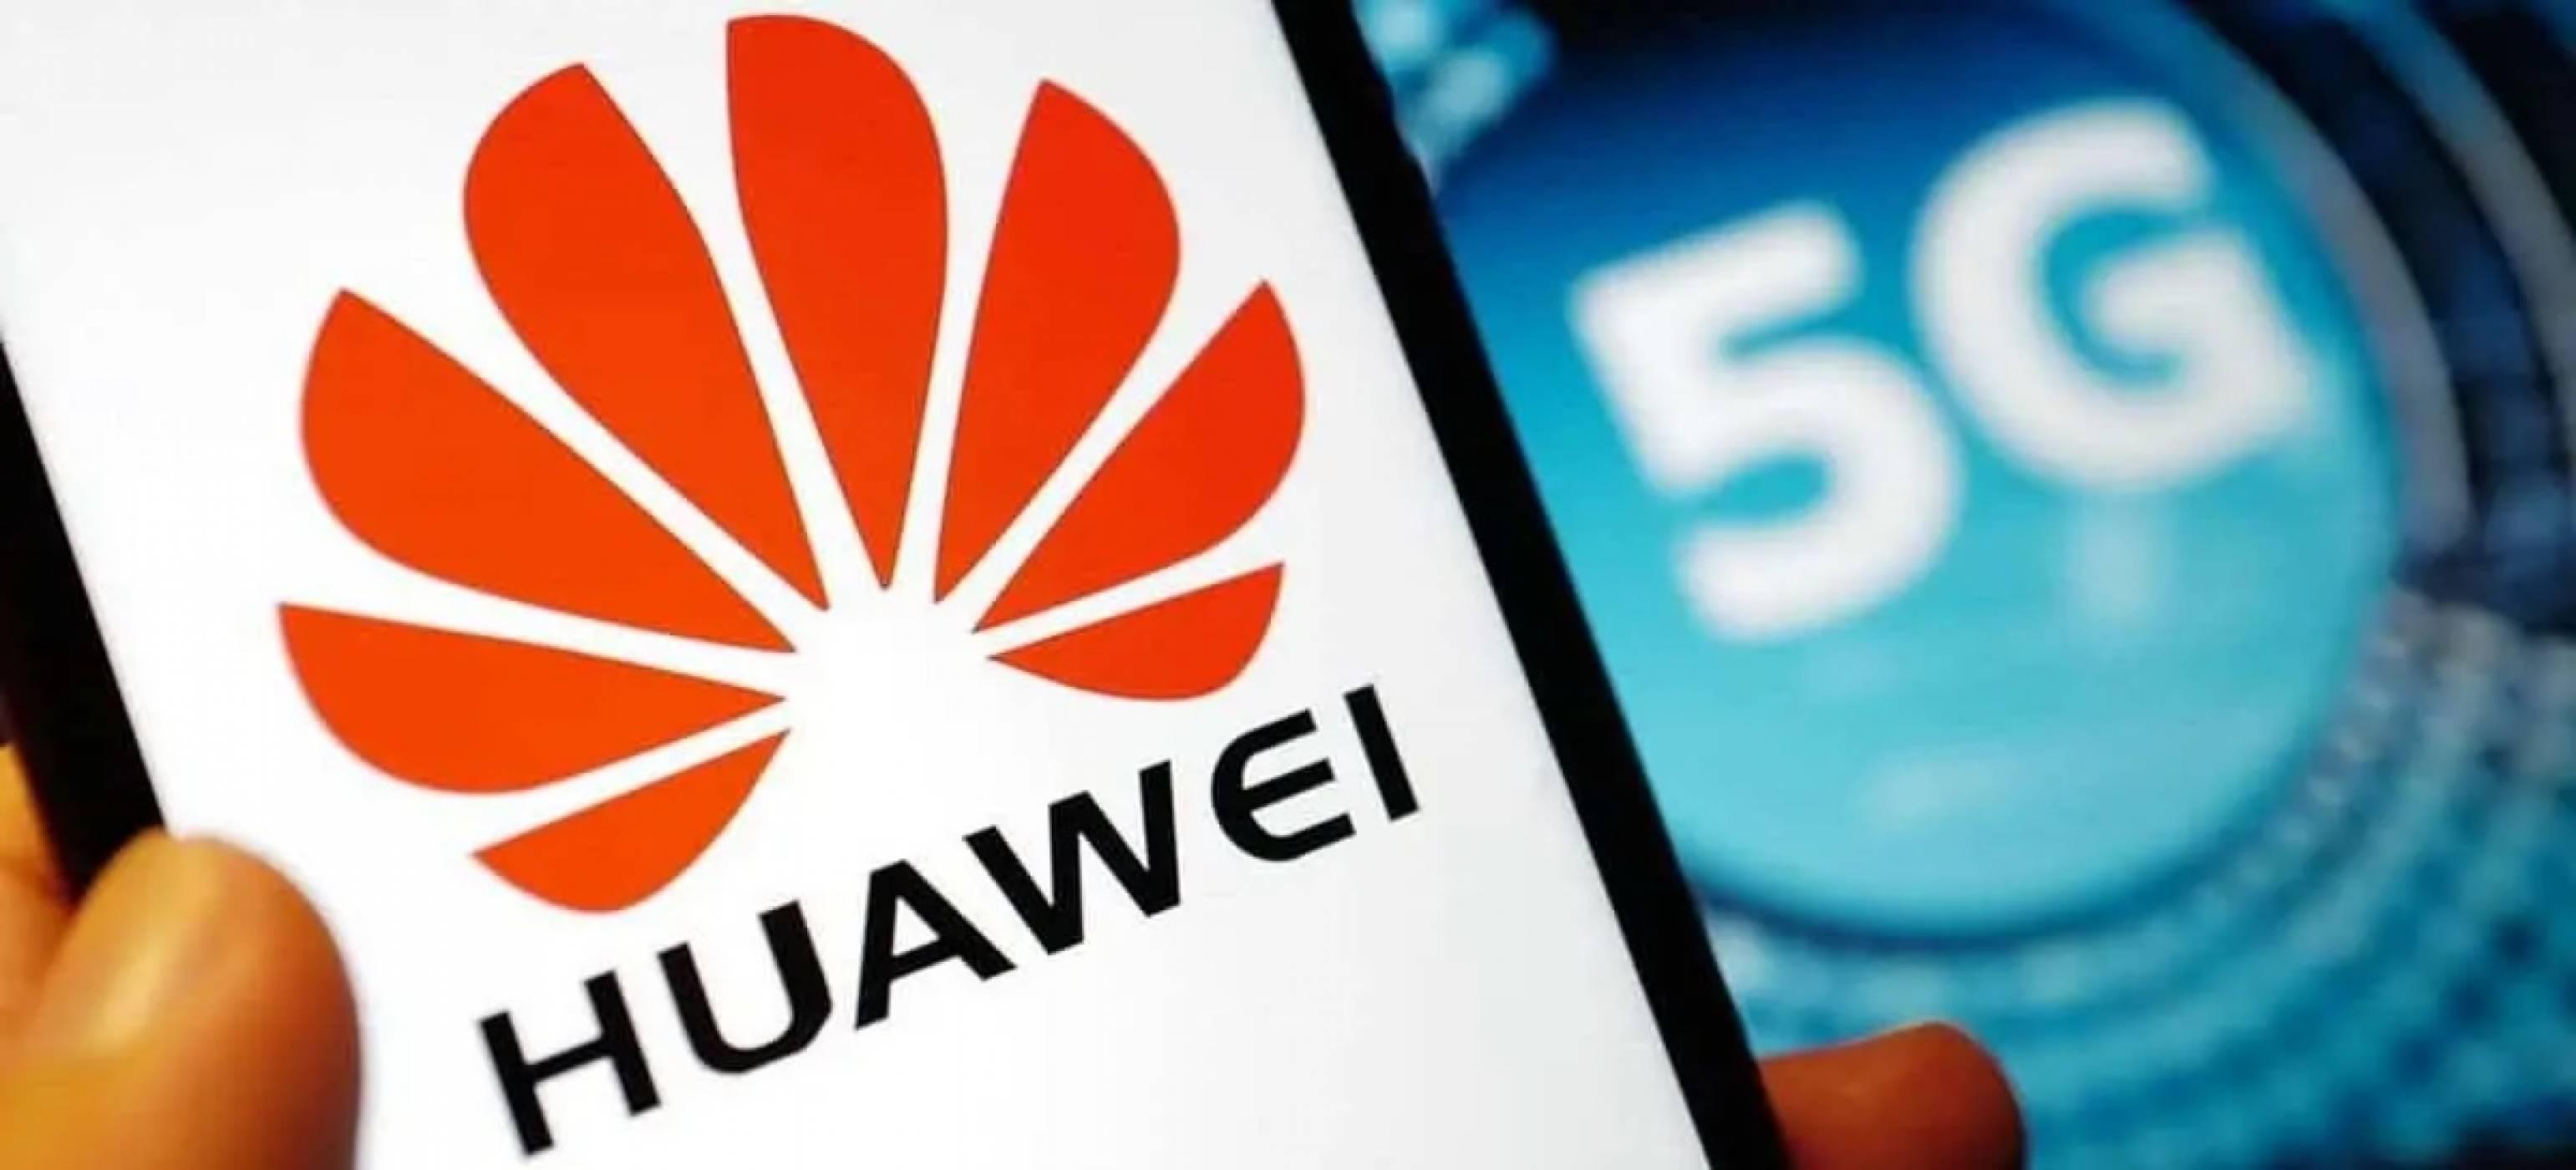 Huawei: Hикой закон не може да ни принуди да хакнем вашата мрежа